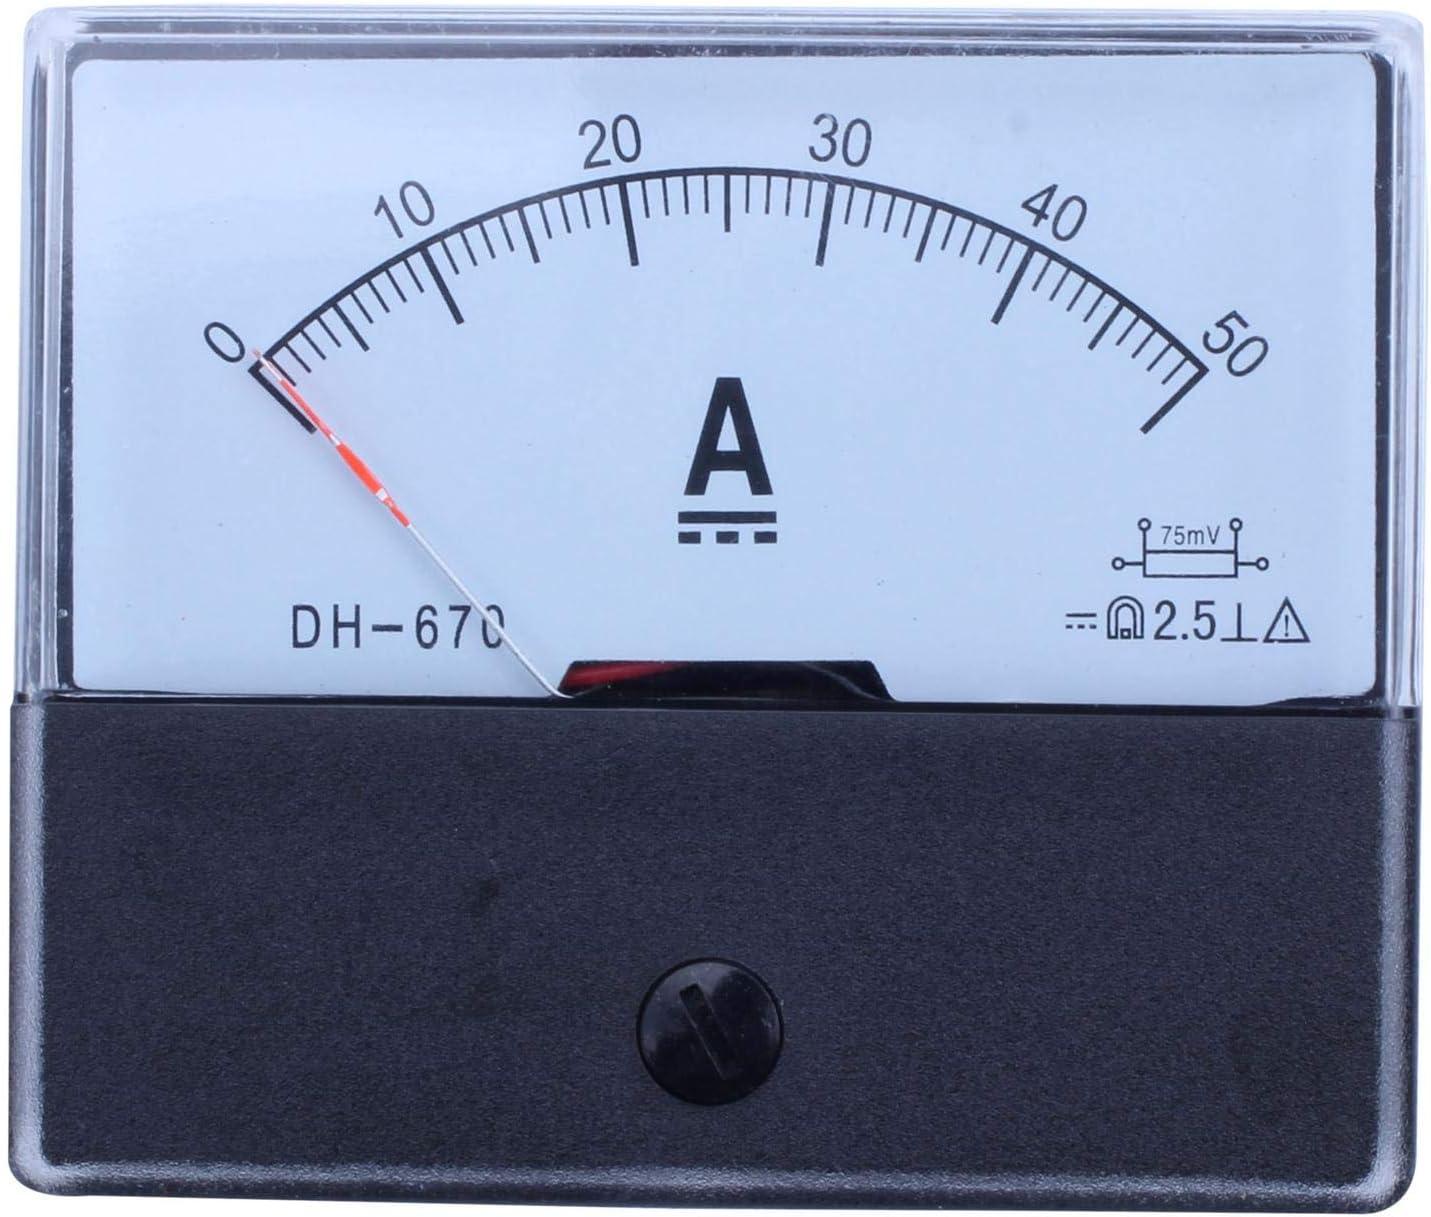 SNOWINSPRING Dh-670 Amp/èrem/ètre Amp/èrem/ètre Amp/èrem/ètre Analogique Pr/écision Dc 50A